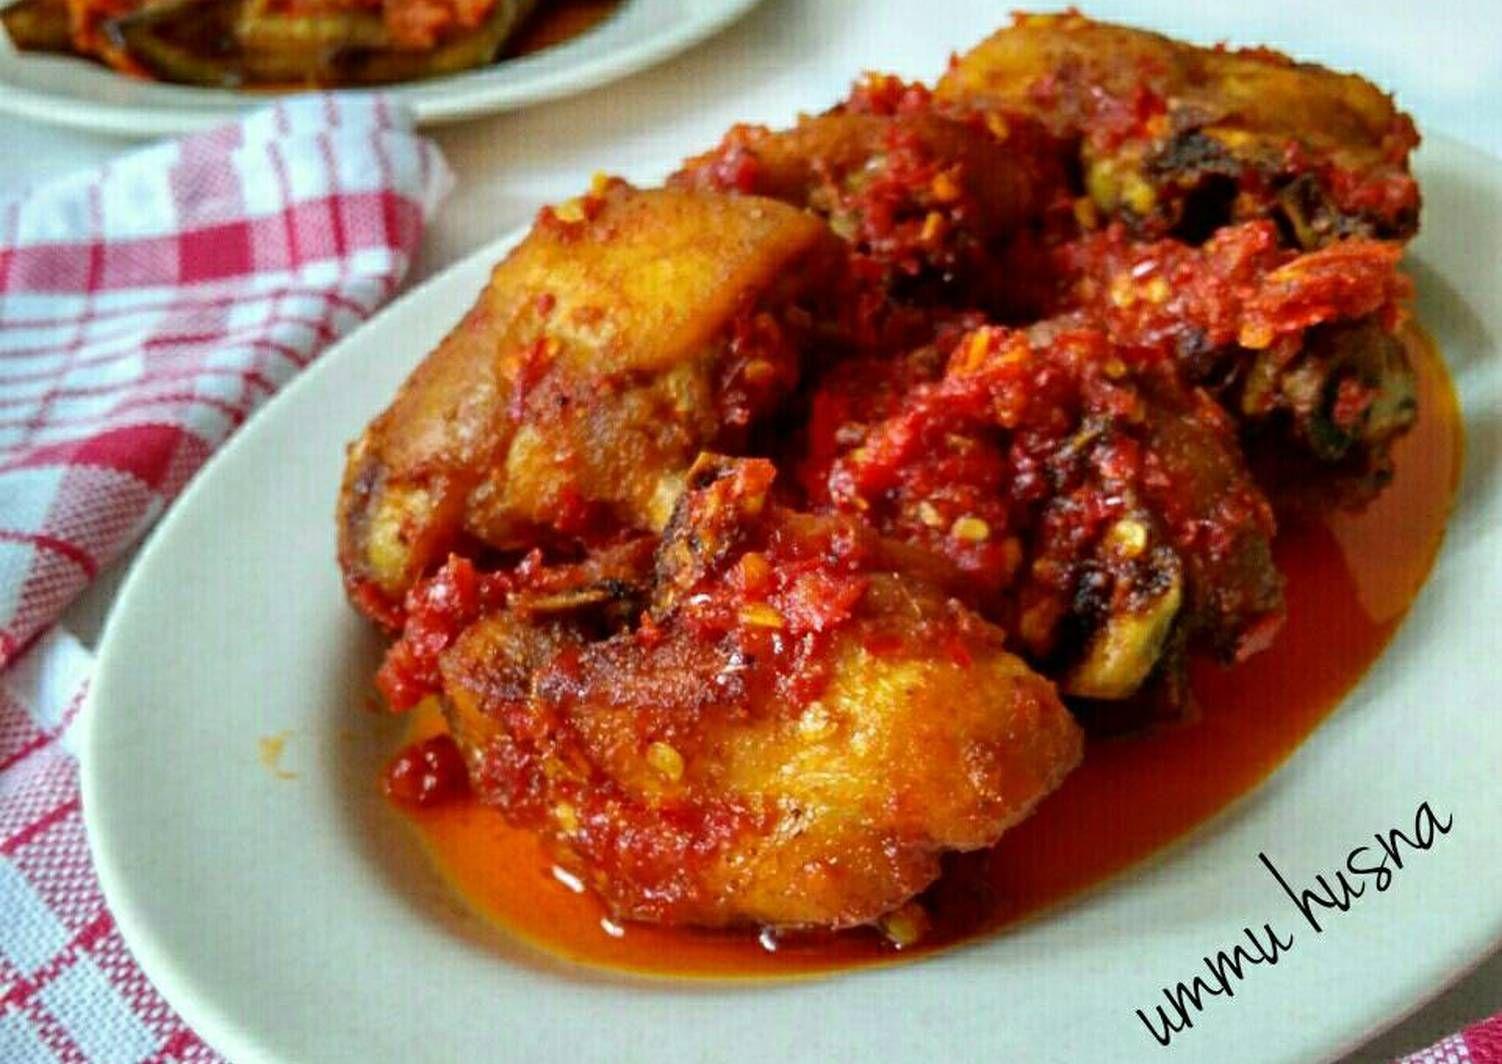 Resep Ayam Goreng Balado Khas Padang Oleh Novi Ummu Husna Resep Resep Ayam Resep Daging Makanan Sehat